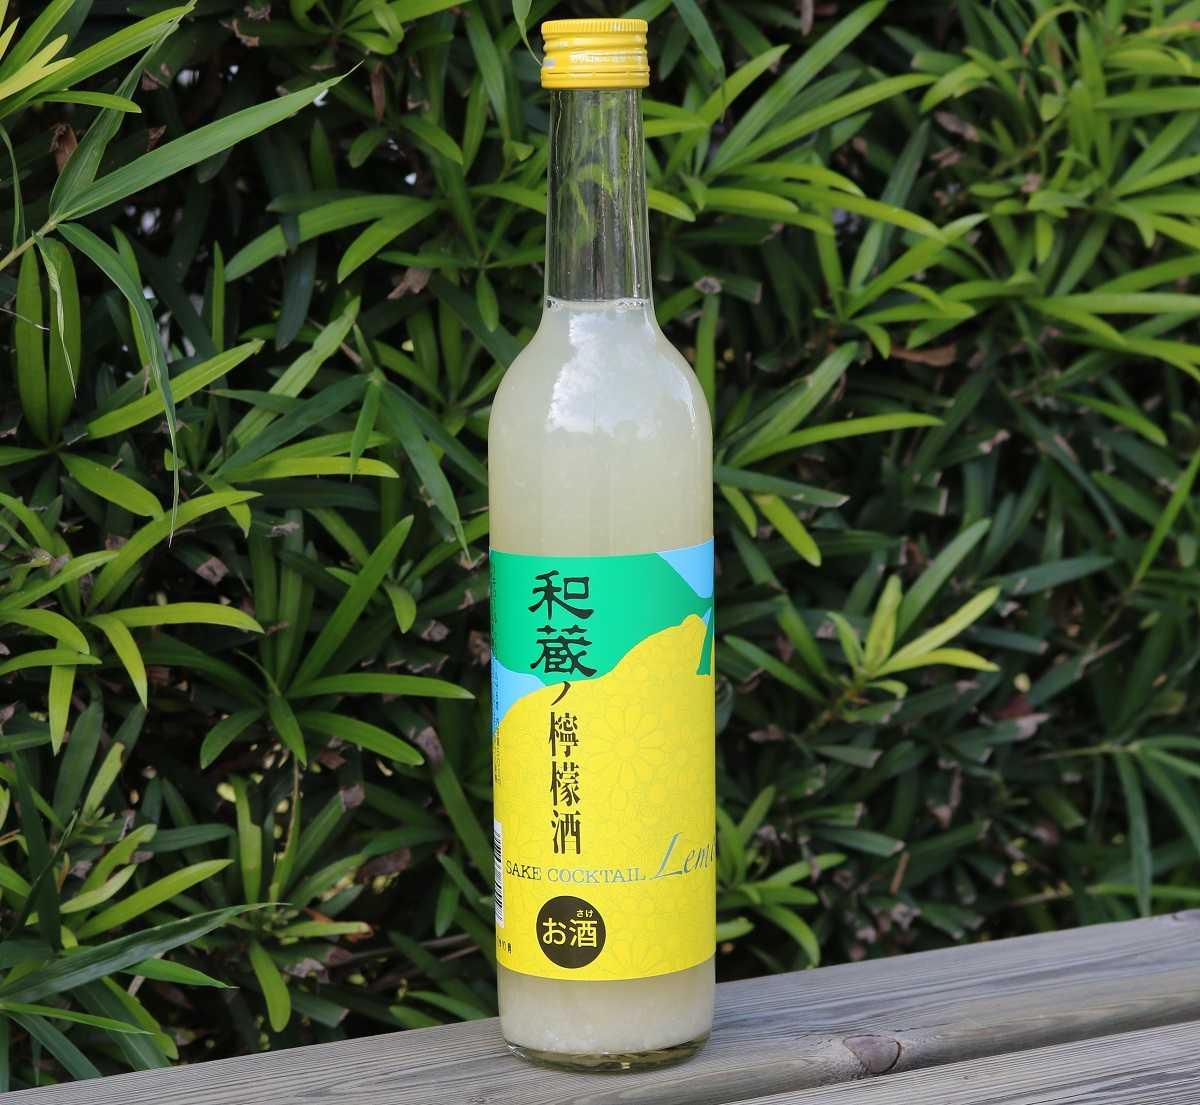 和蔵の檸檬酒新発売のお知らせ